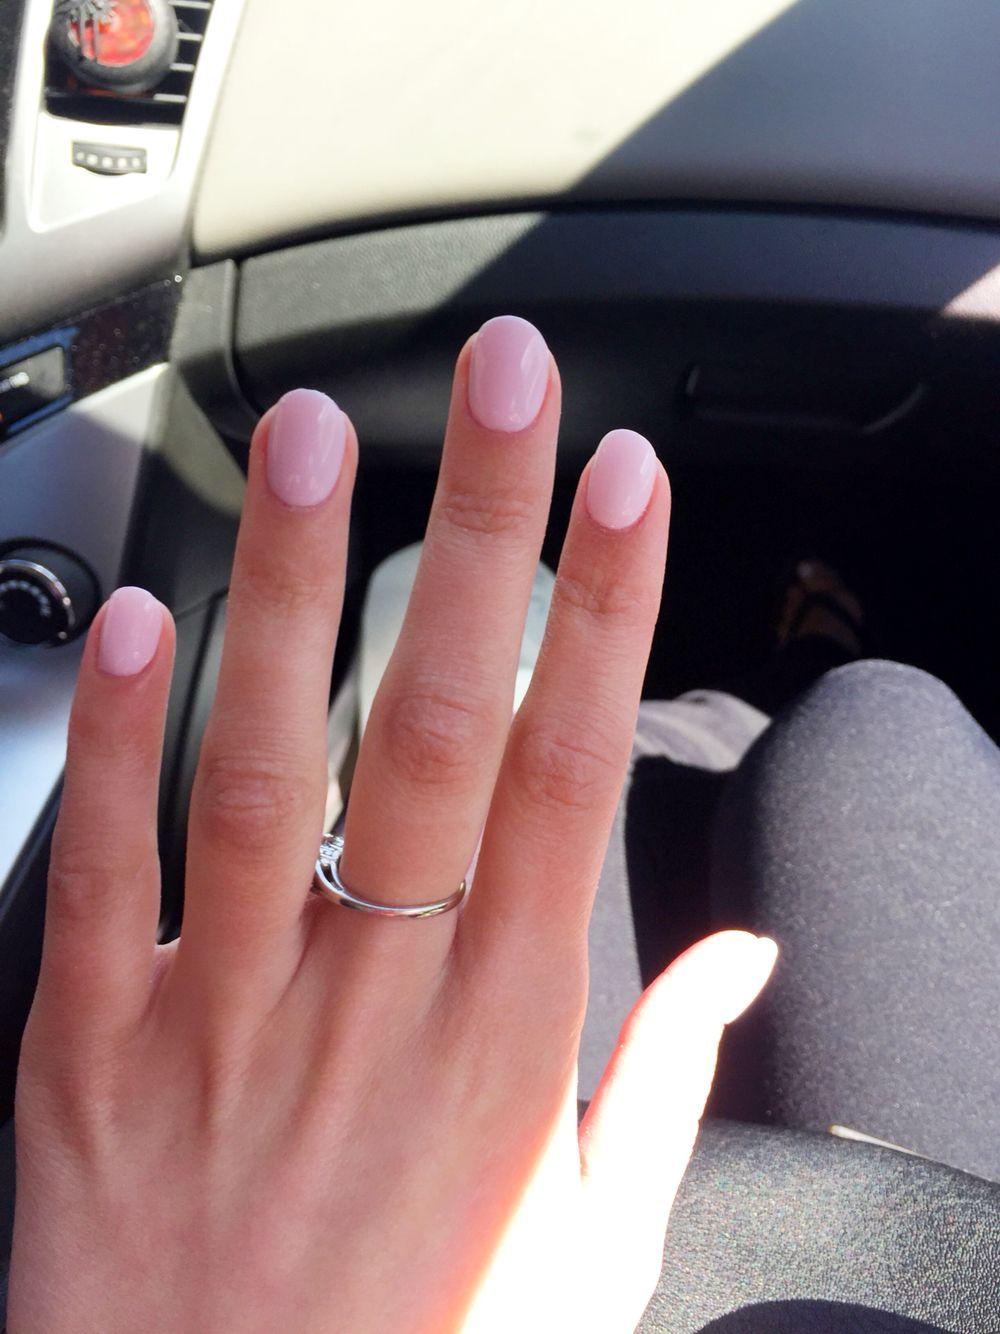 Round Acrylic Nails Rounded Acrylic Nails Short Rounded Acrylic Nails Short Gel Nails